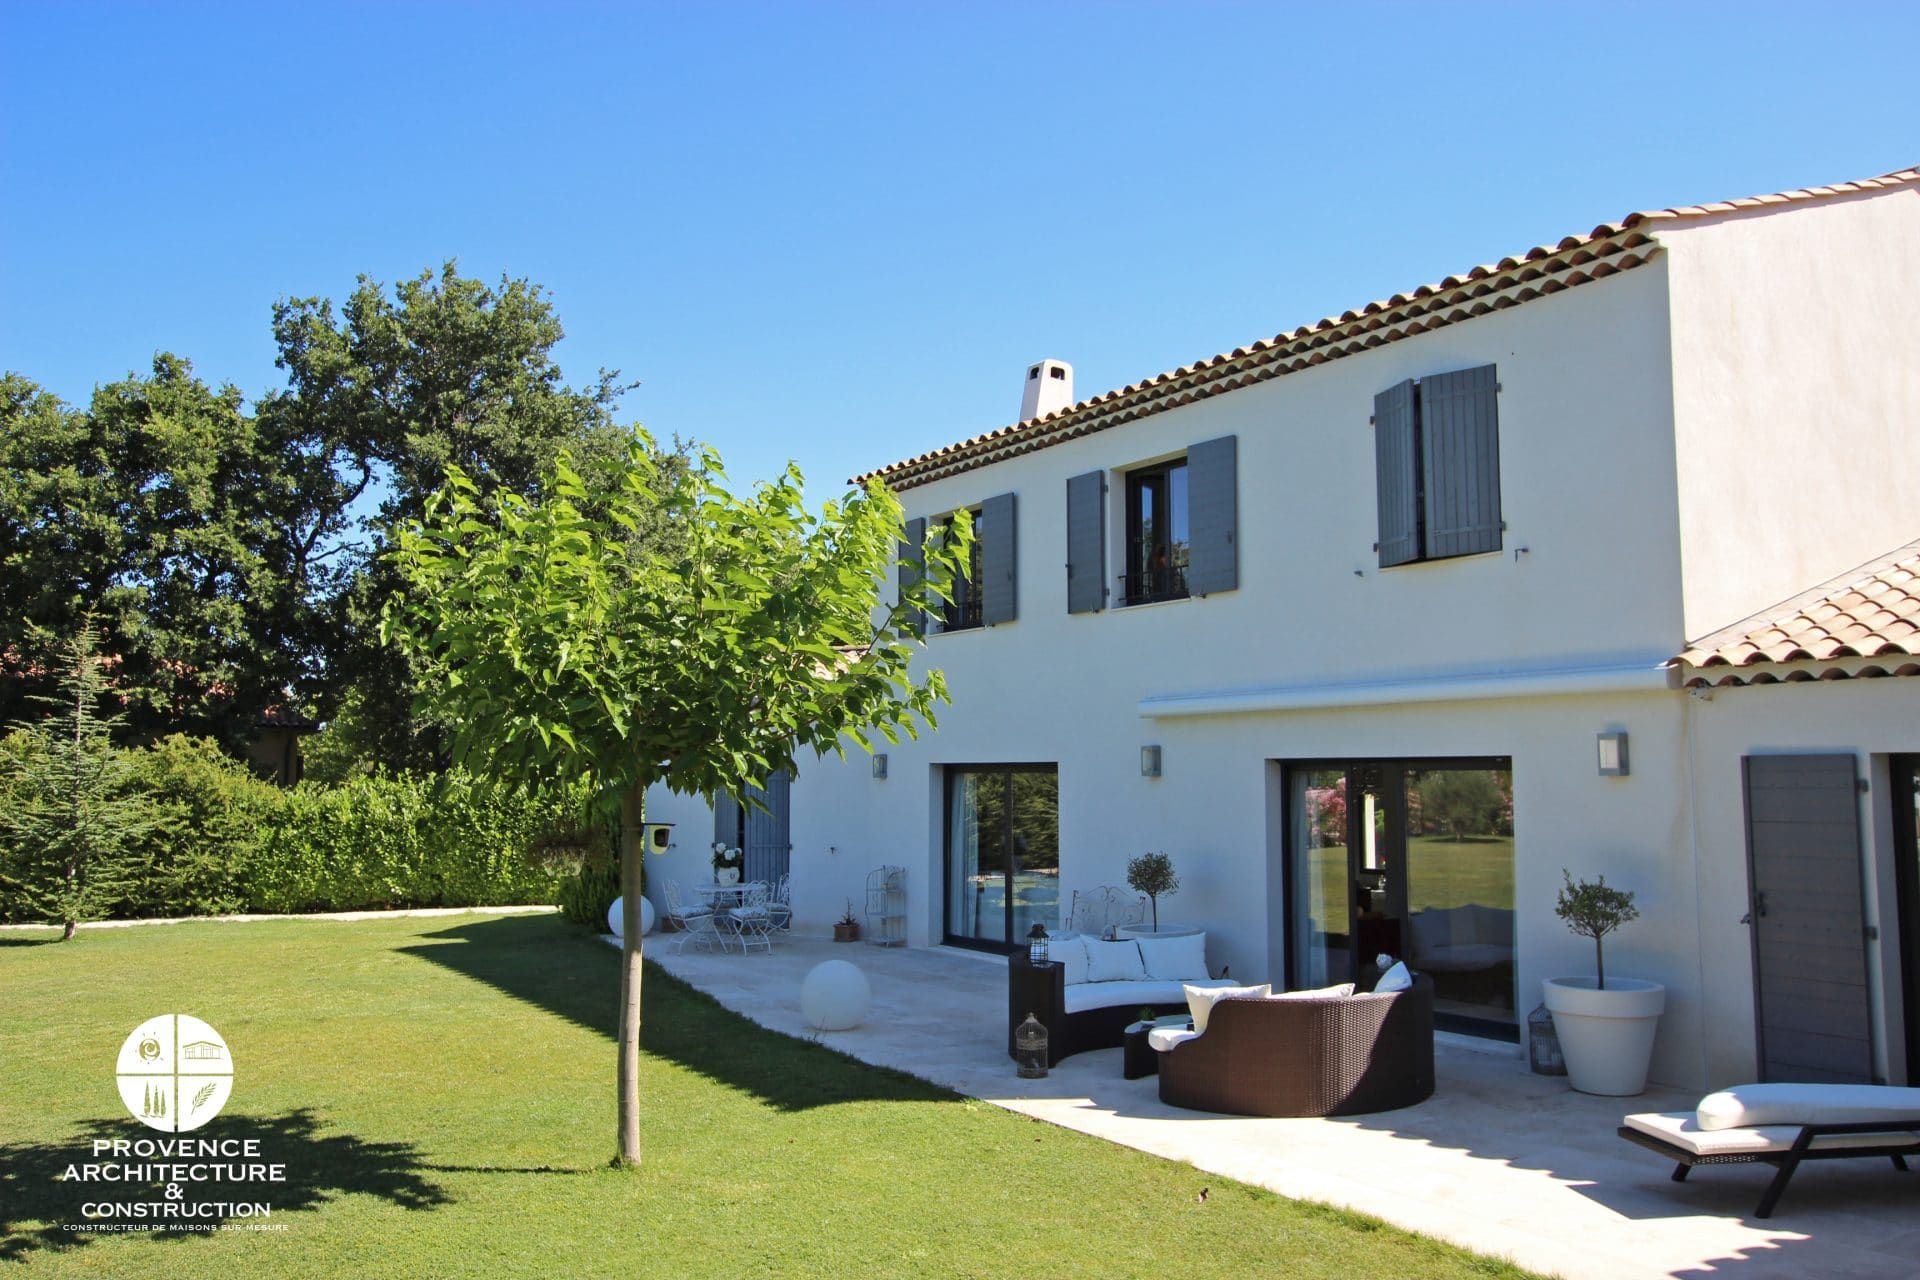 Constructeur De Maison Marseille intemporelle 6 - provence architecture   maisons toscanes